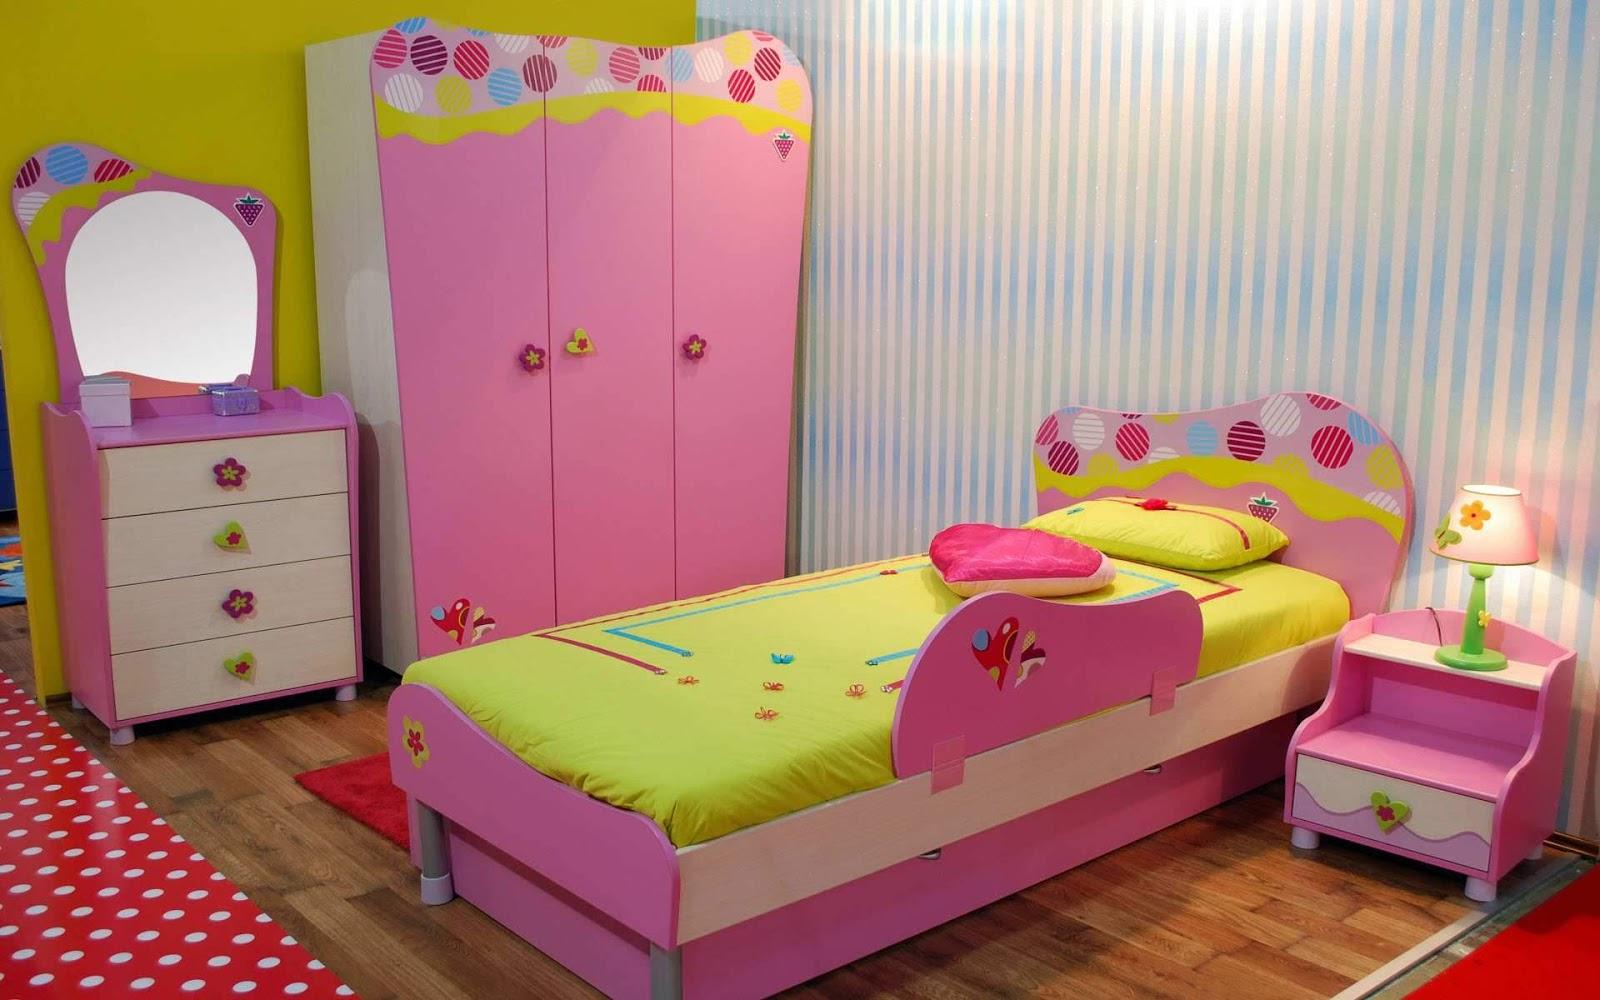 Kamar Tidur Utama Desain Anak Ada Kamar Mandi - Kids Bedroom Ideas For Small Rooms For Girls - HD Wallpaper